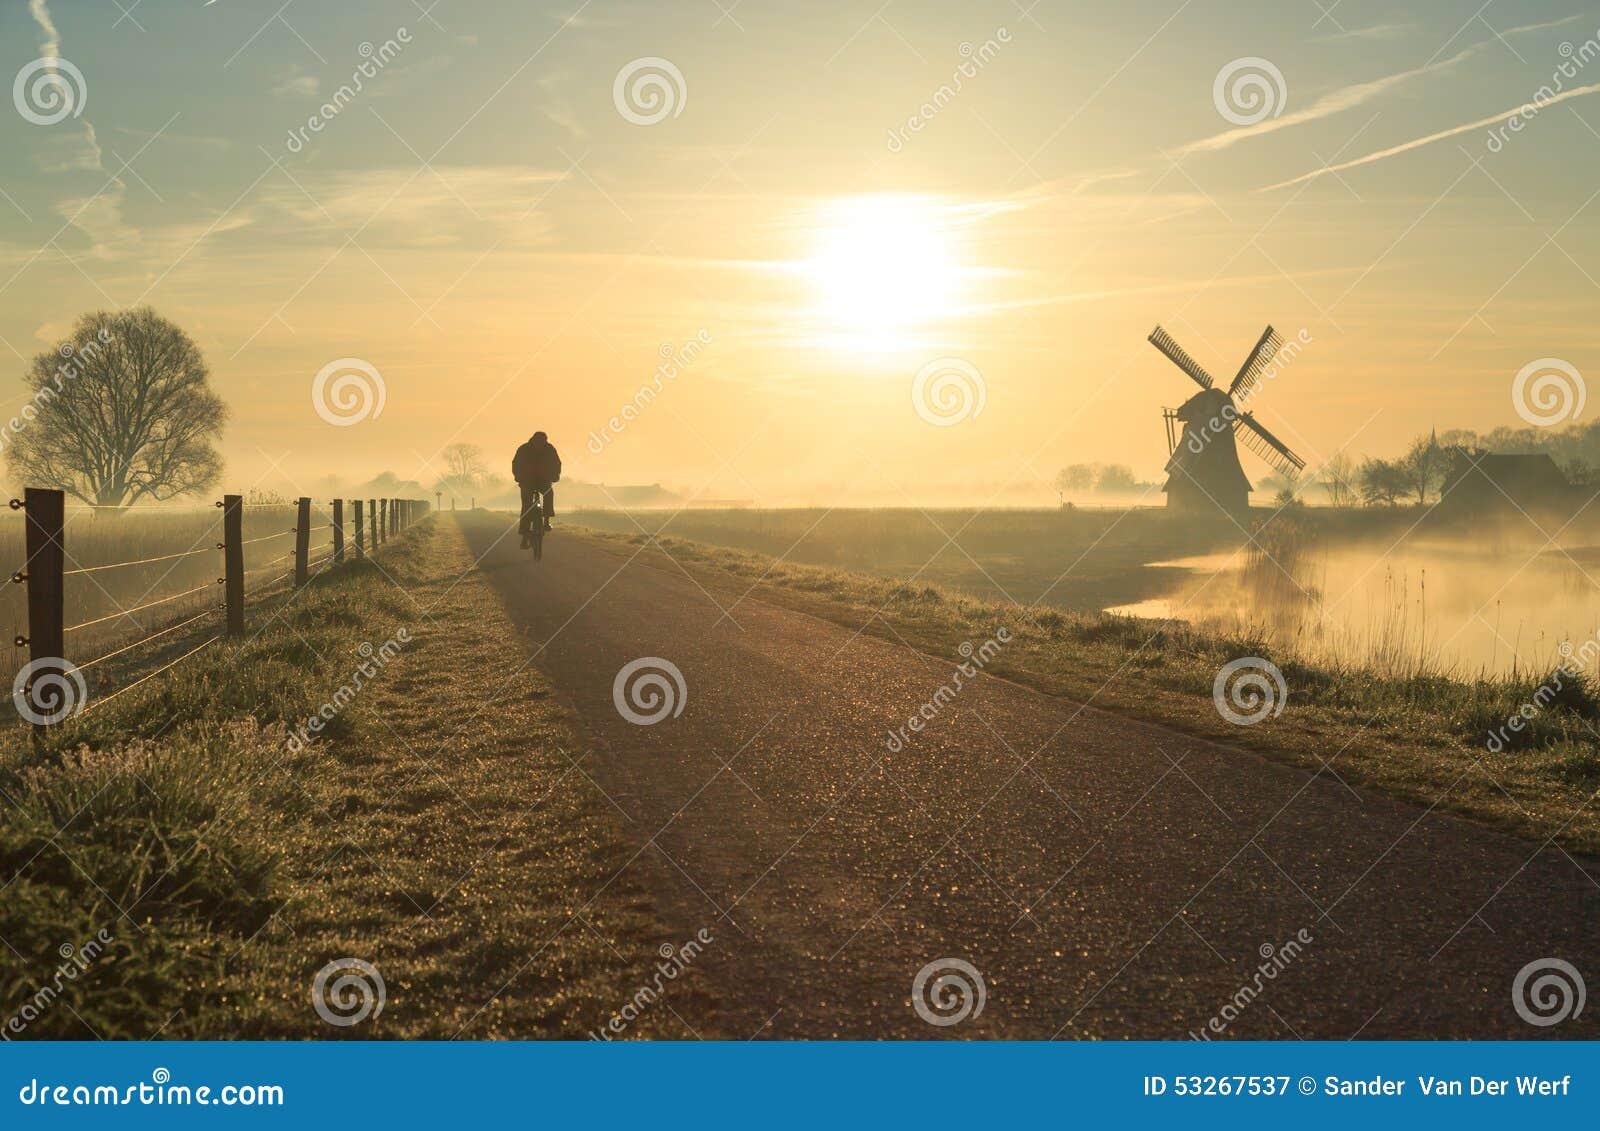 Dutch Cyclist Stock Photo